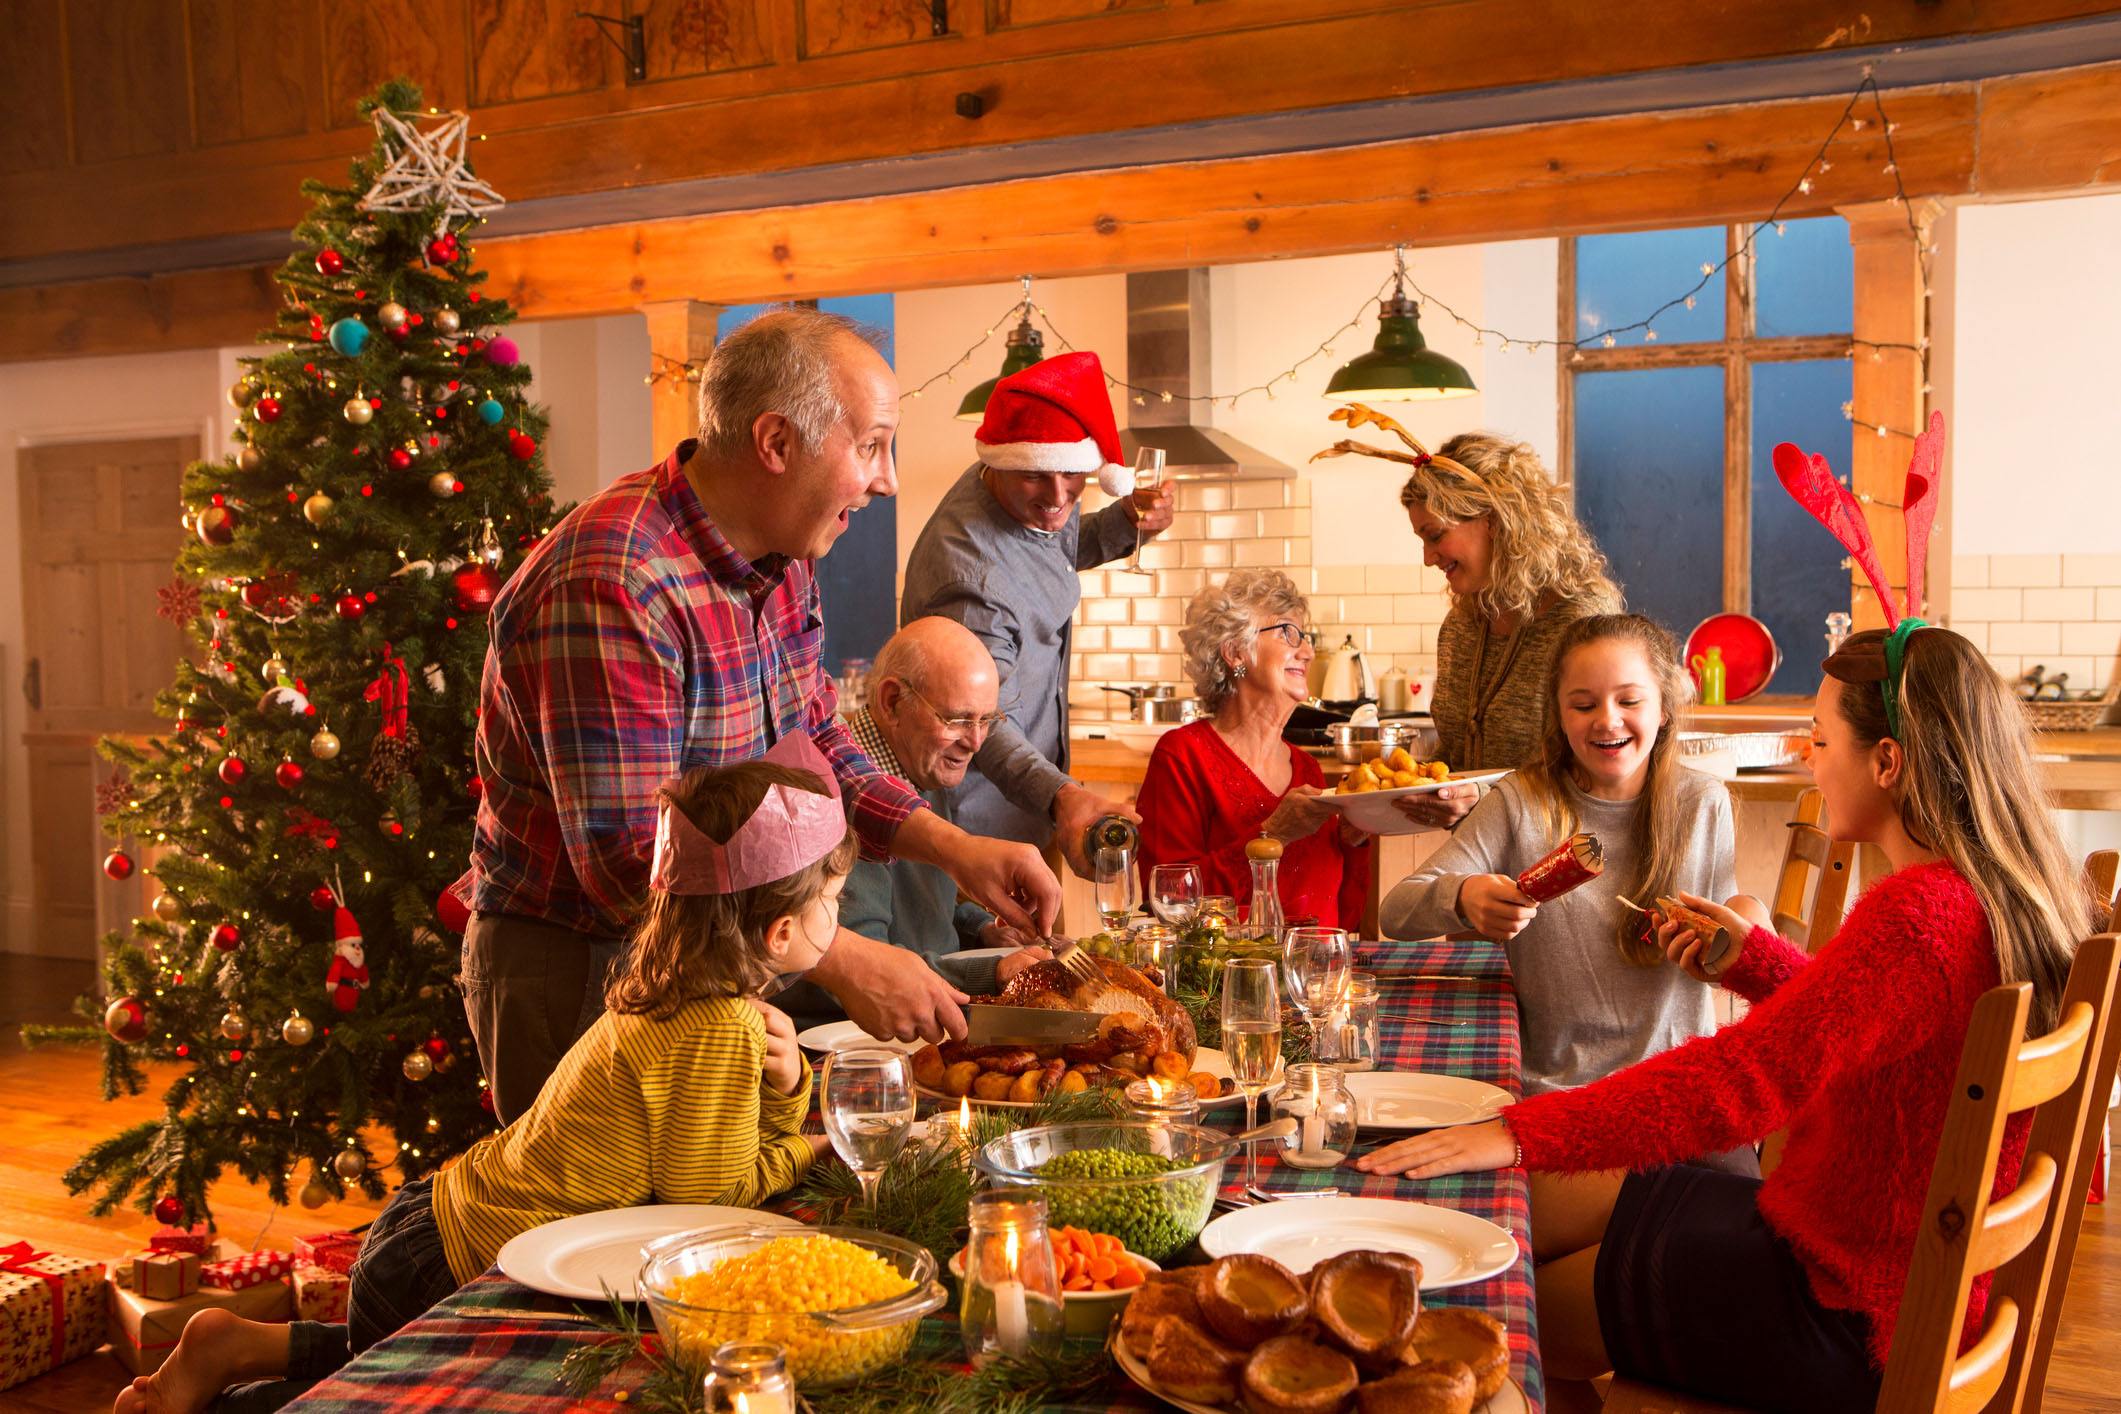 Weihnachtsessen Deutschland Tradition.Weihnachten In Großbritannien